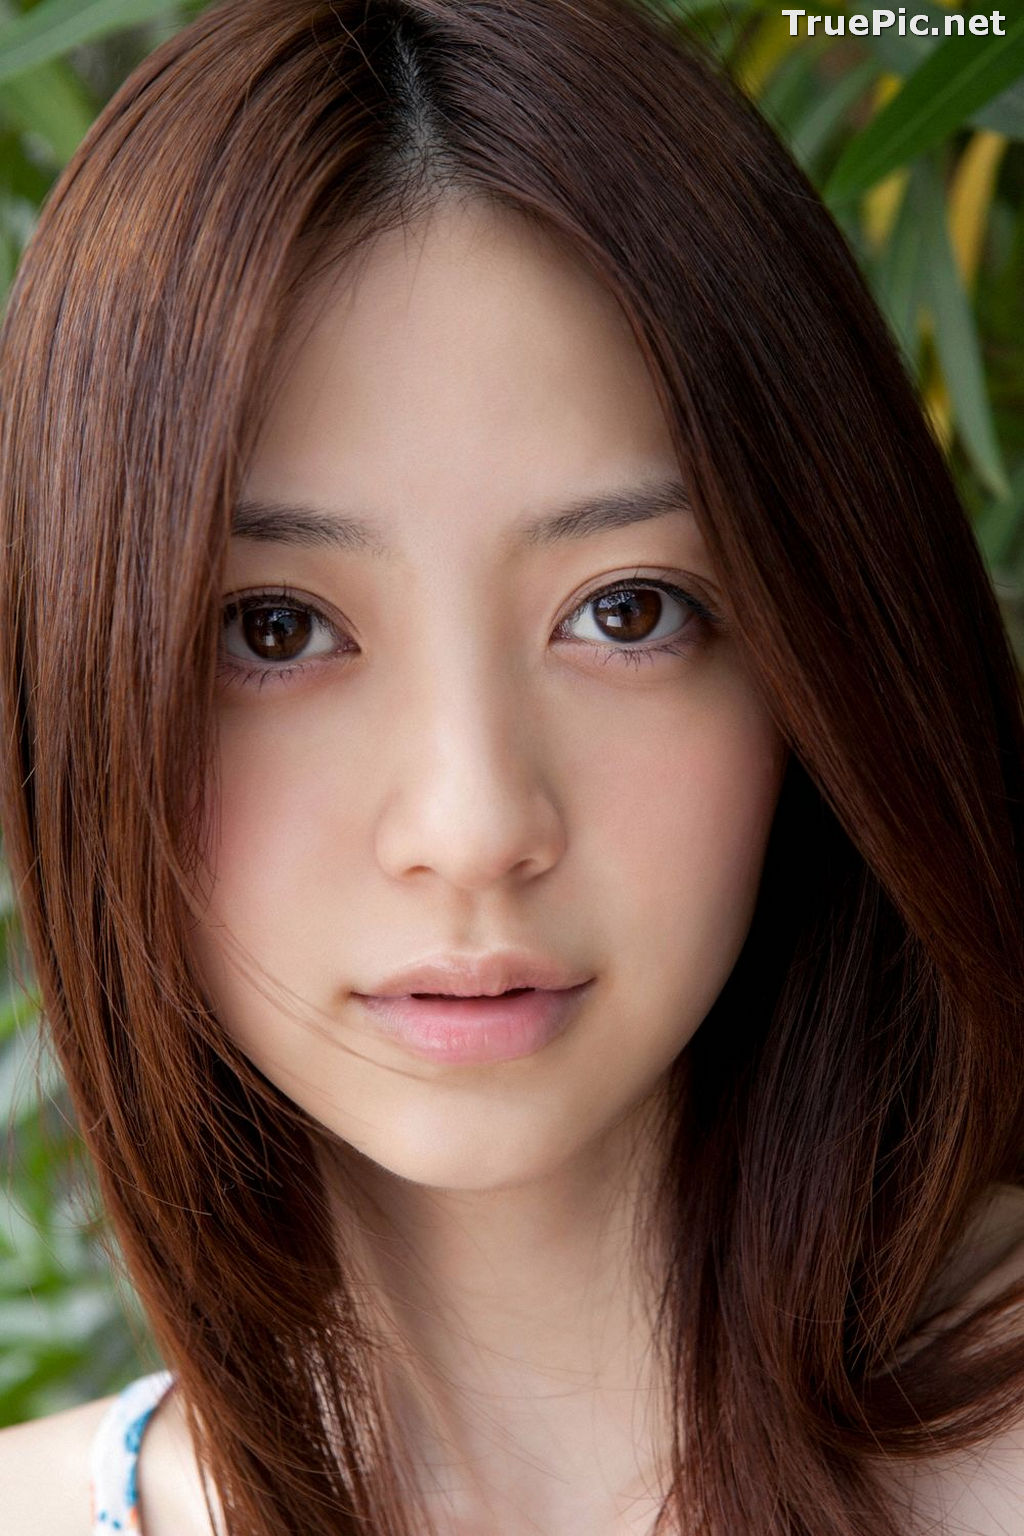 Image YS Web Vol.497 - Japanese Actress and Gravure Idol - Rina Aizawa - TruePic.net - Picture-8